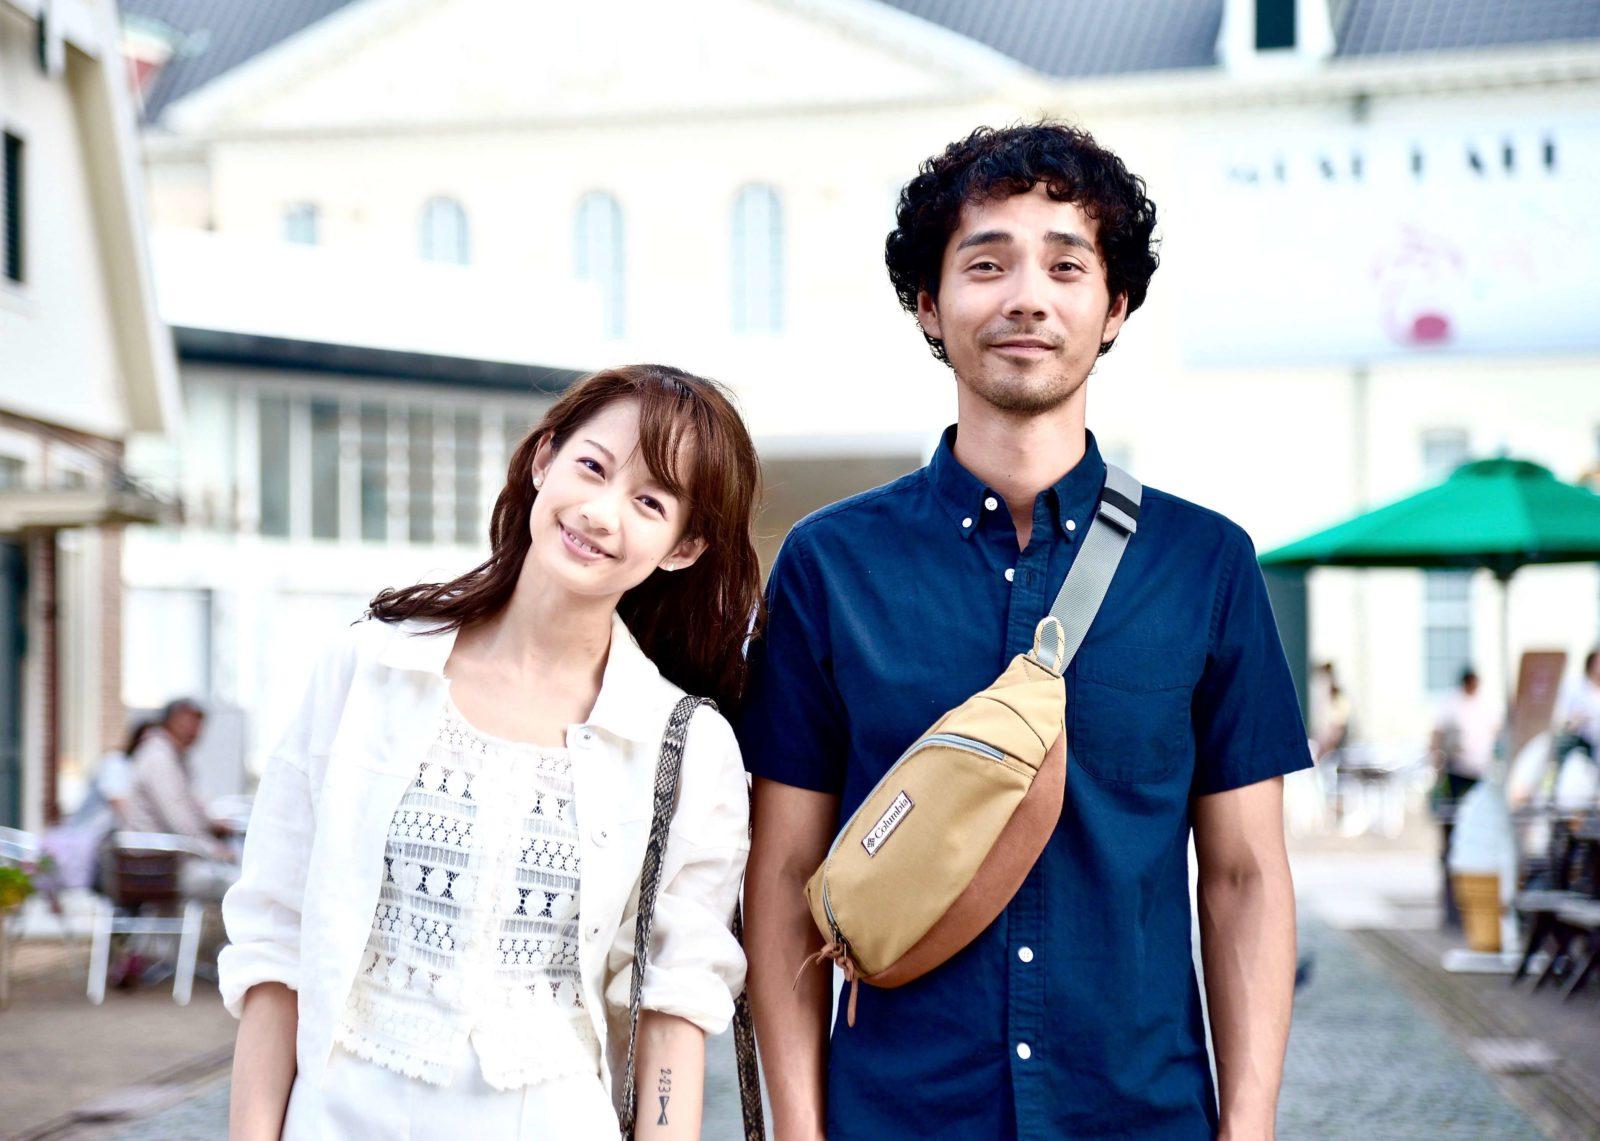 中野裕太「30になった時に、やっと映画人として産んでもらった気がしました。」【インタビュー】サムネイル画像